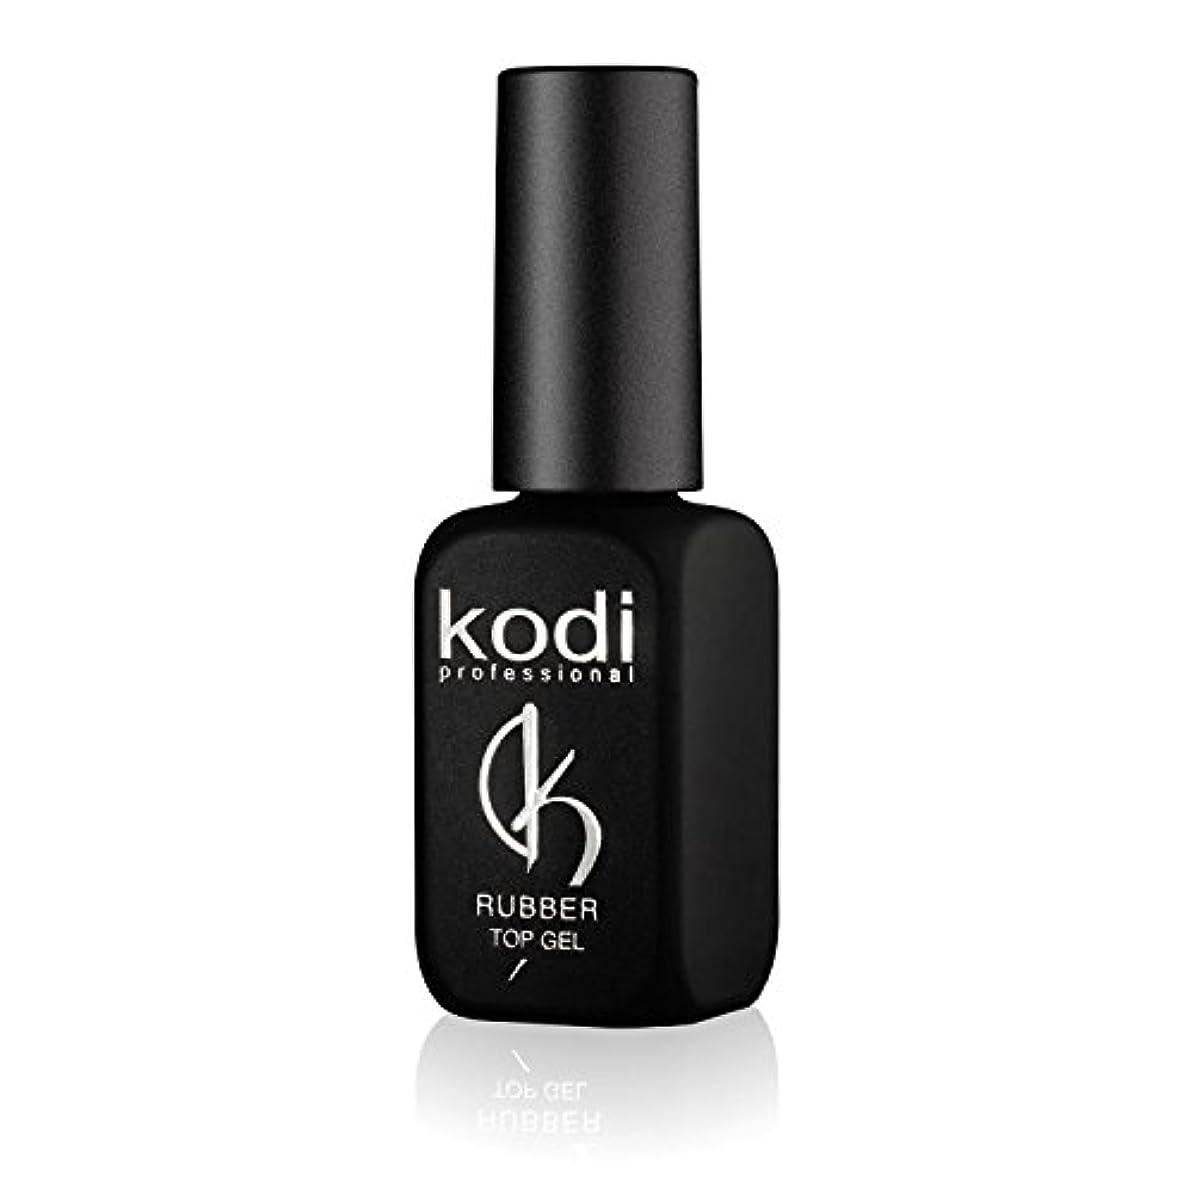 ご近所破産人種Professional Rubber Top Gel By Kodi | 12ml 0.42 oz | Soak Off, Polish Fingernails Coat Gel | For Long Lasting...